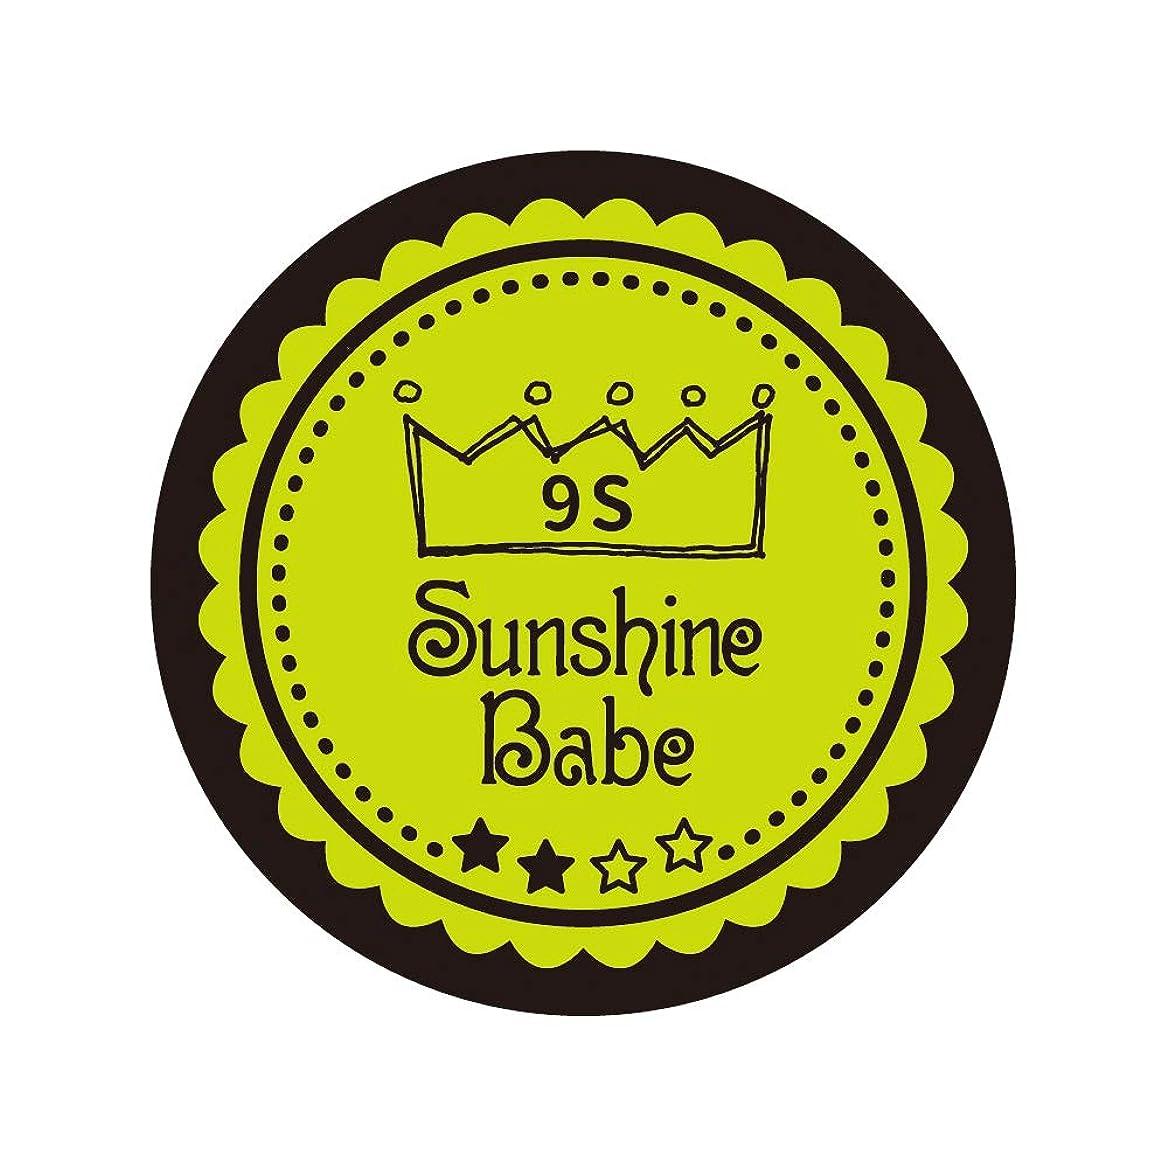 赤面指定するモチーフSunshine Babe コスメティックカラー 9S ライムパンチ 4g UV/LED対応